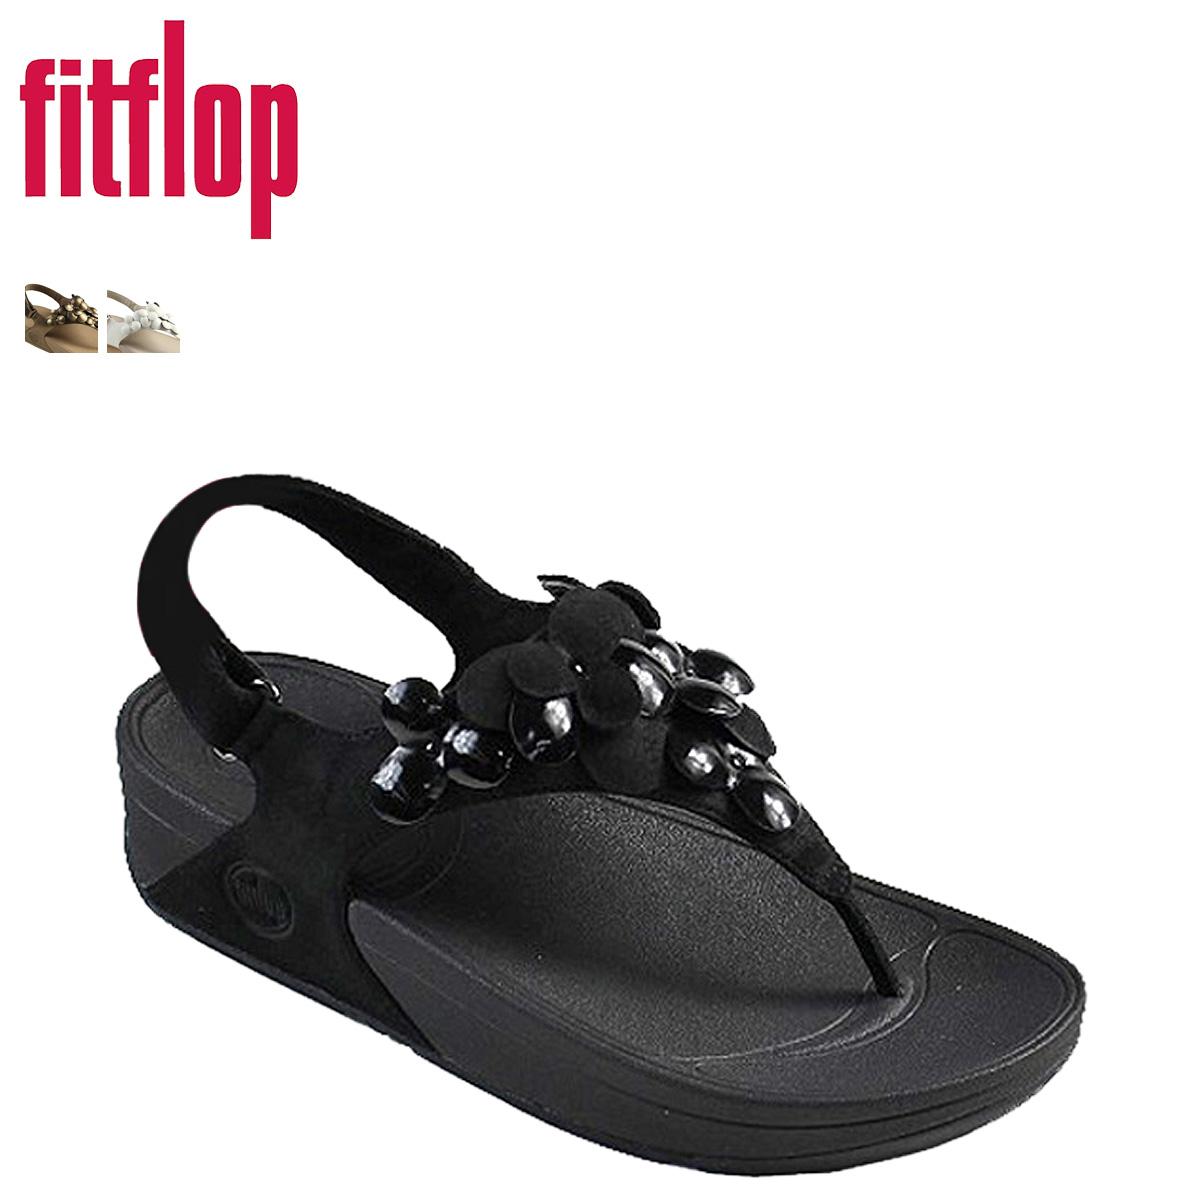 4318846c683e ALLSPORTS  Fit flops FitFlop Sandals 287-001 287-194 287-221 FLEUR ...